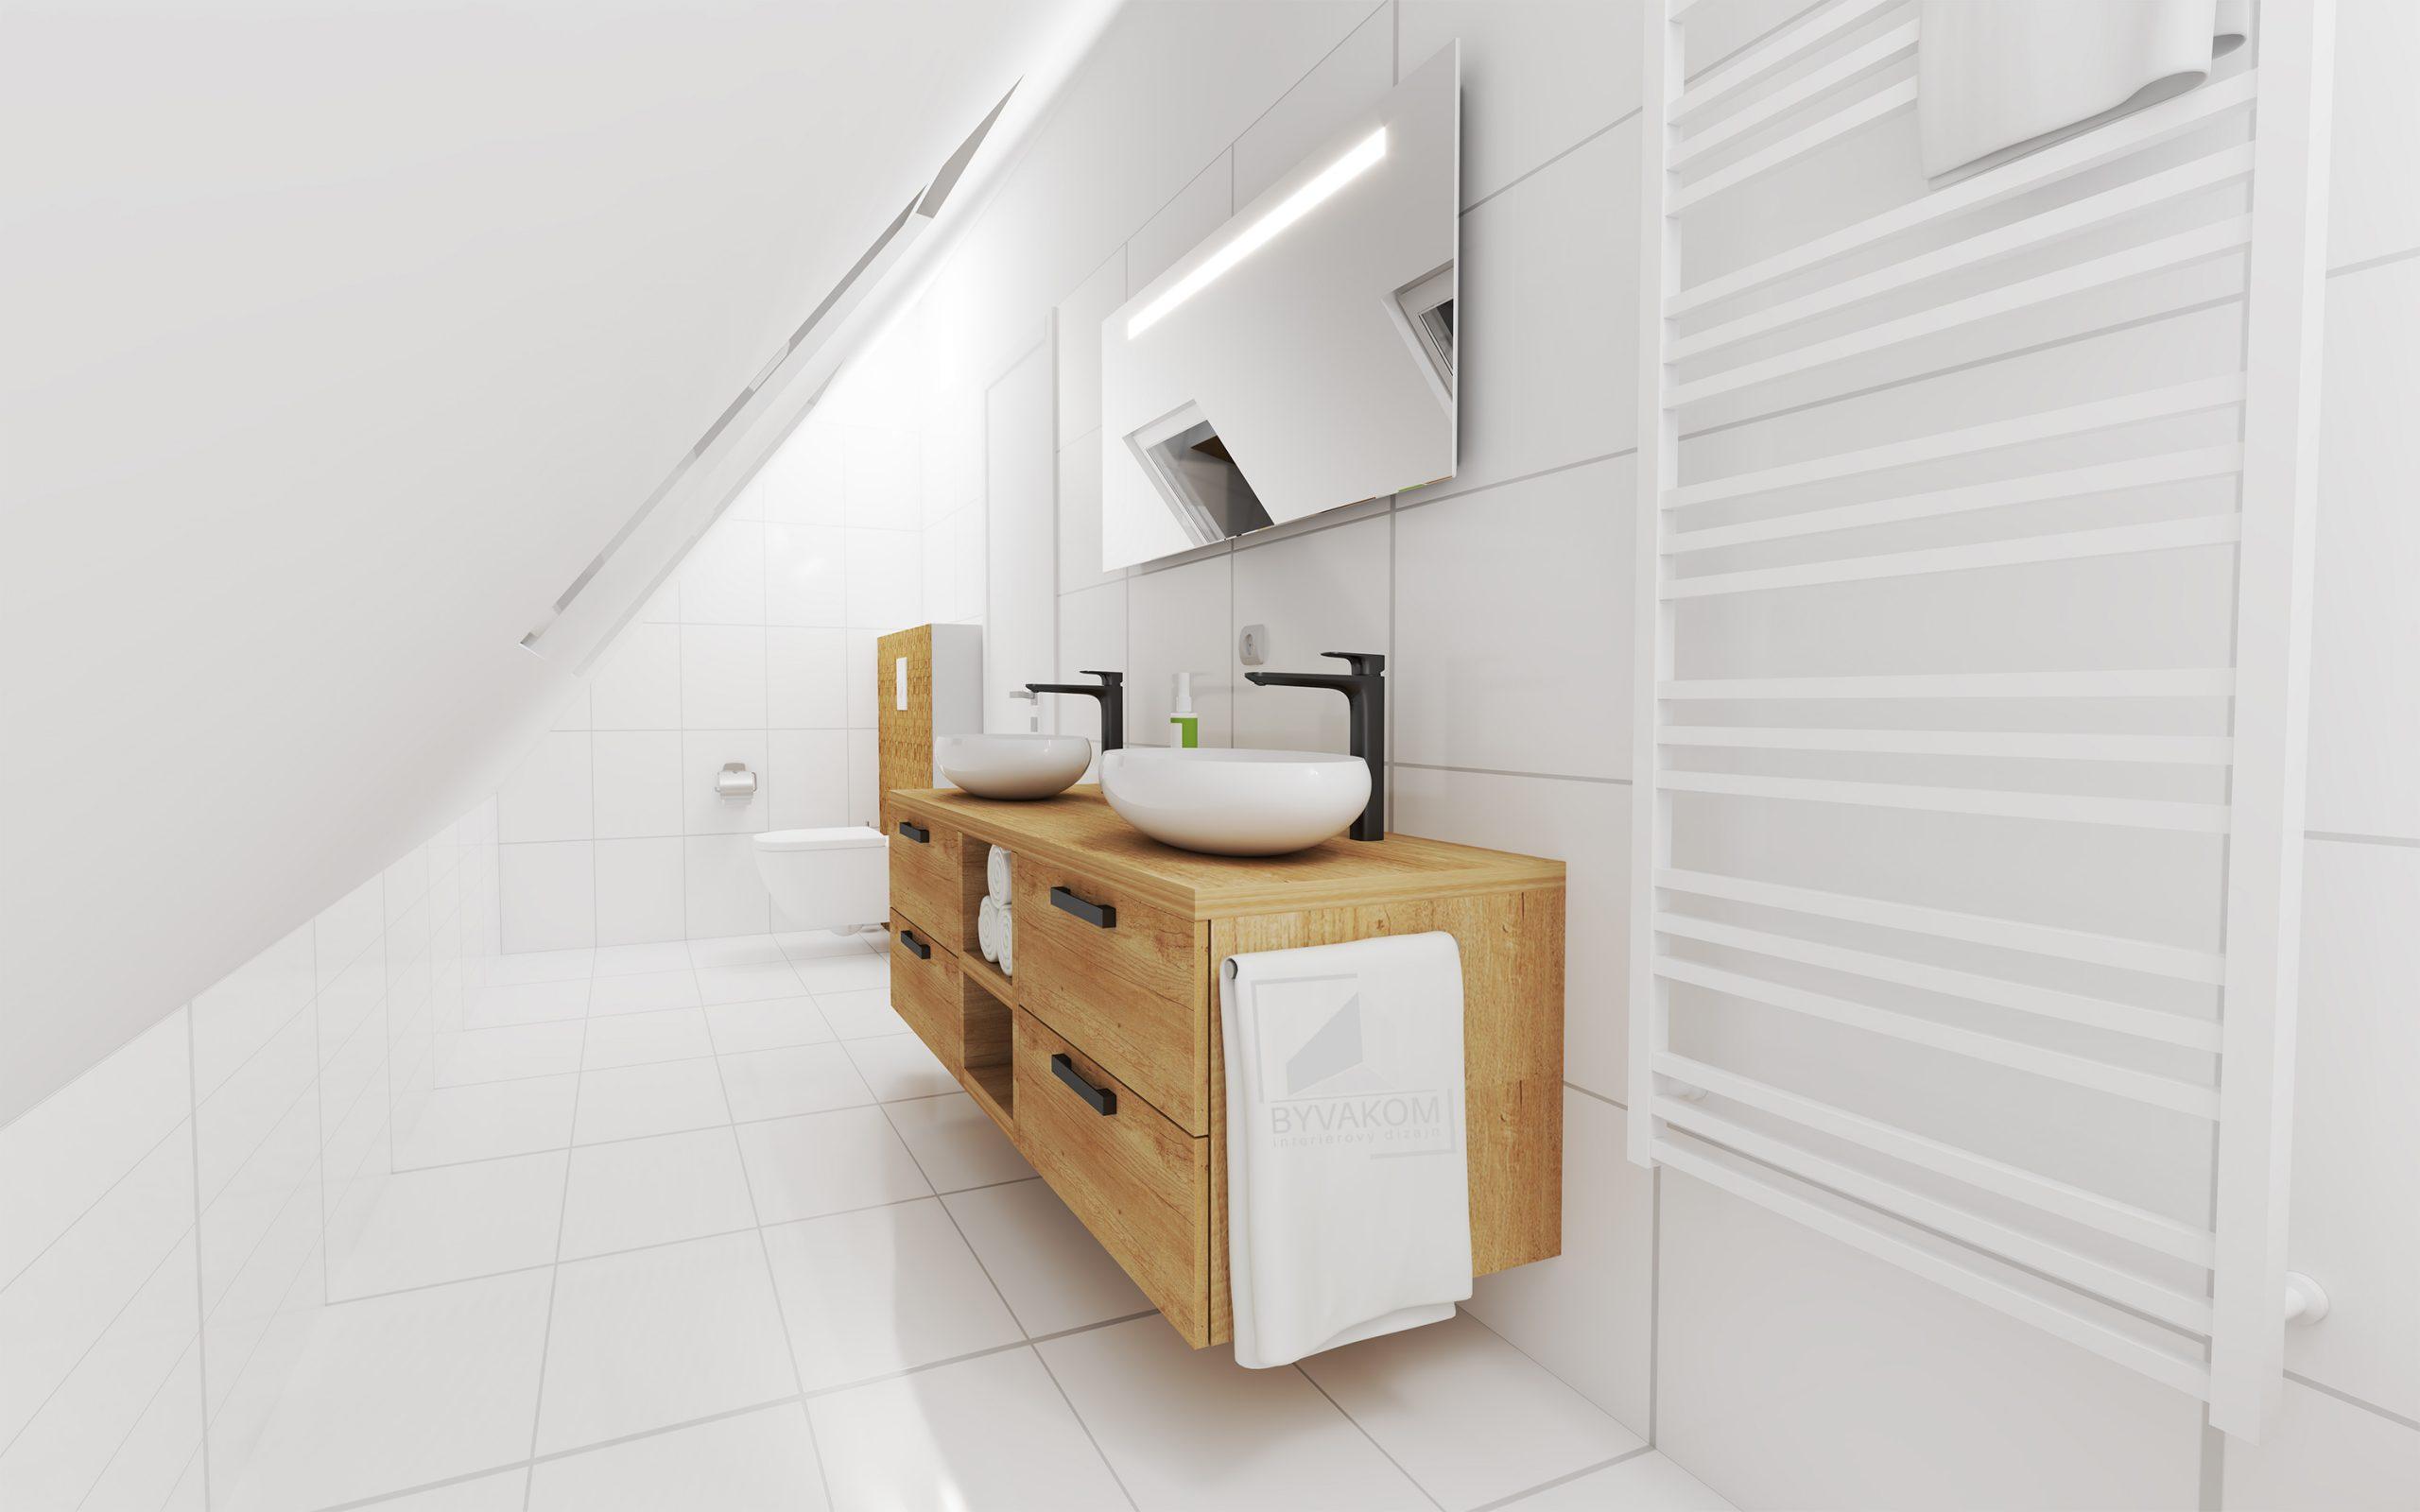 Návrh interiéru kúpeľne (Wood/White)